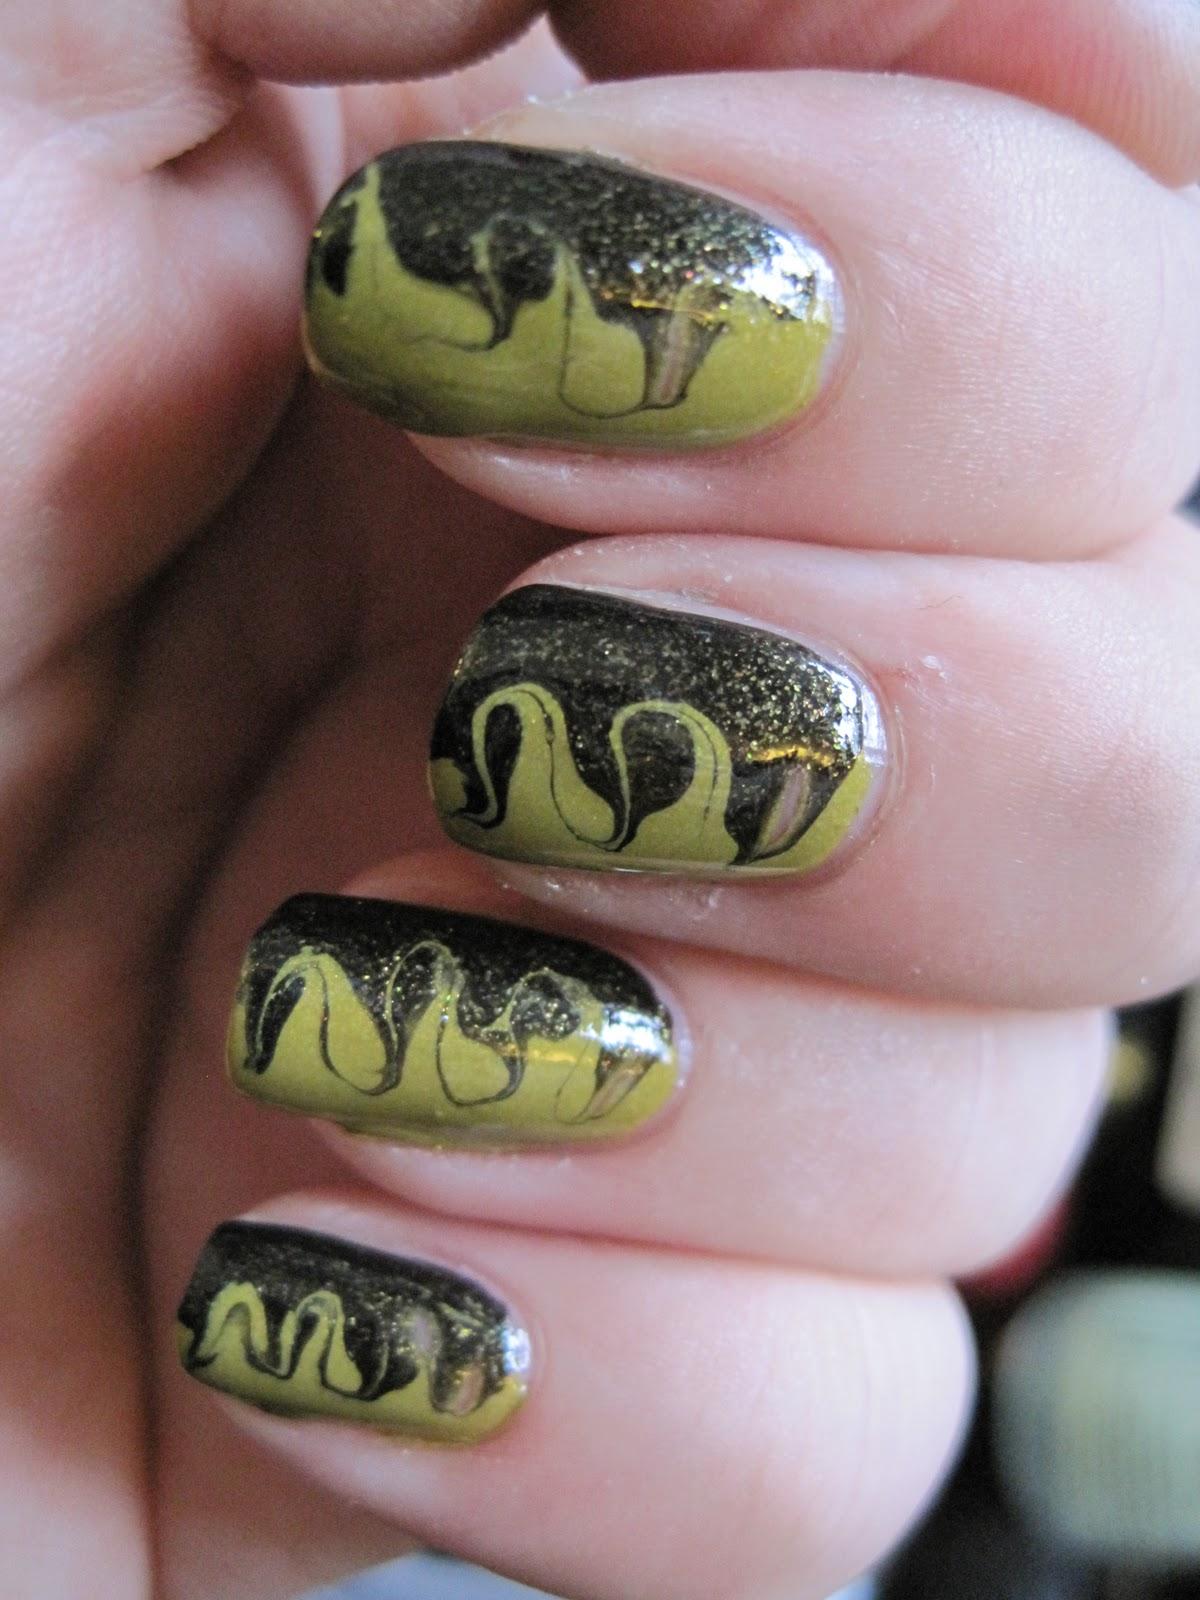 Svartebloggen: Swirly nails